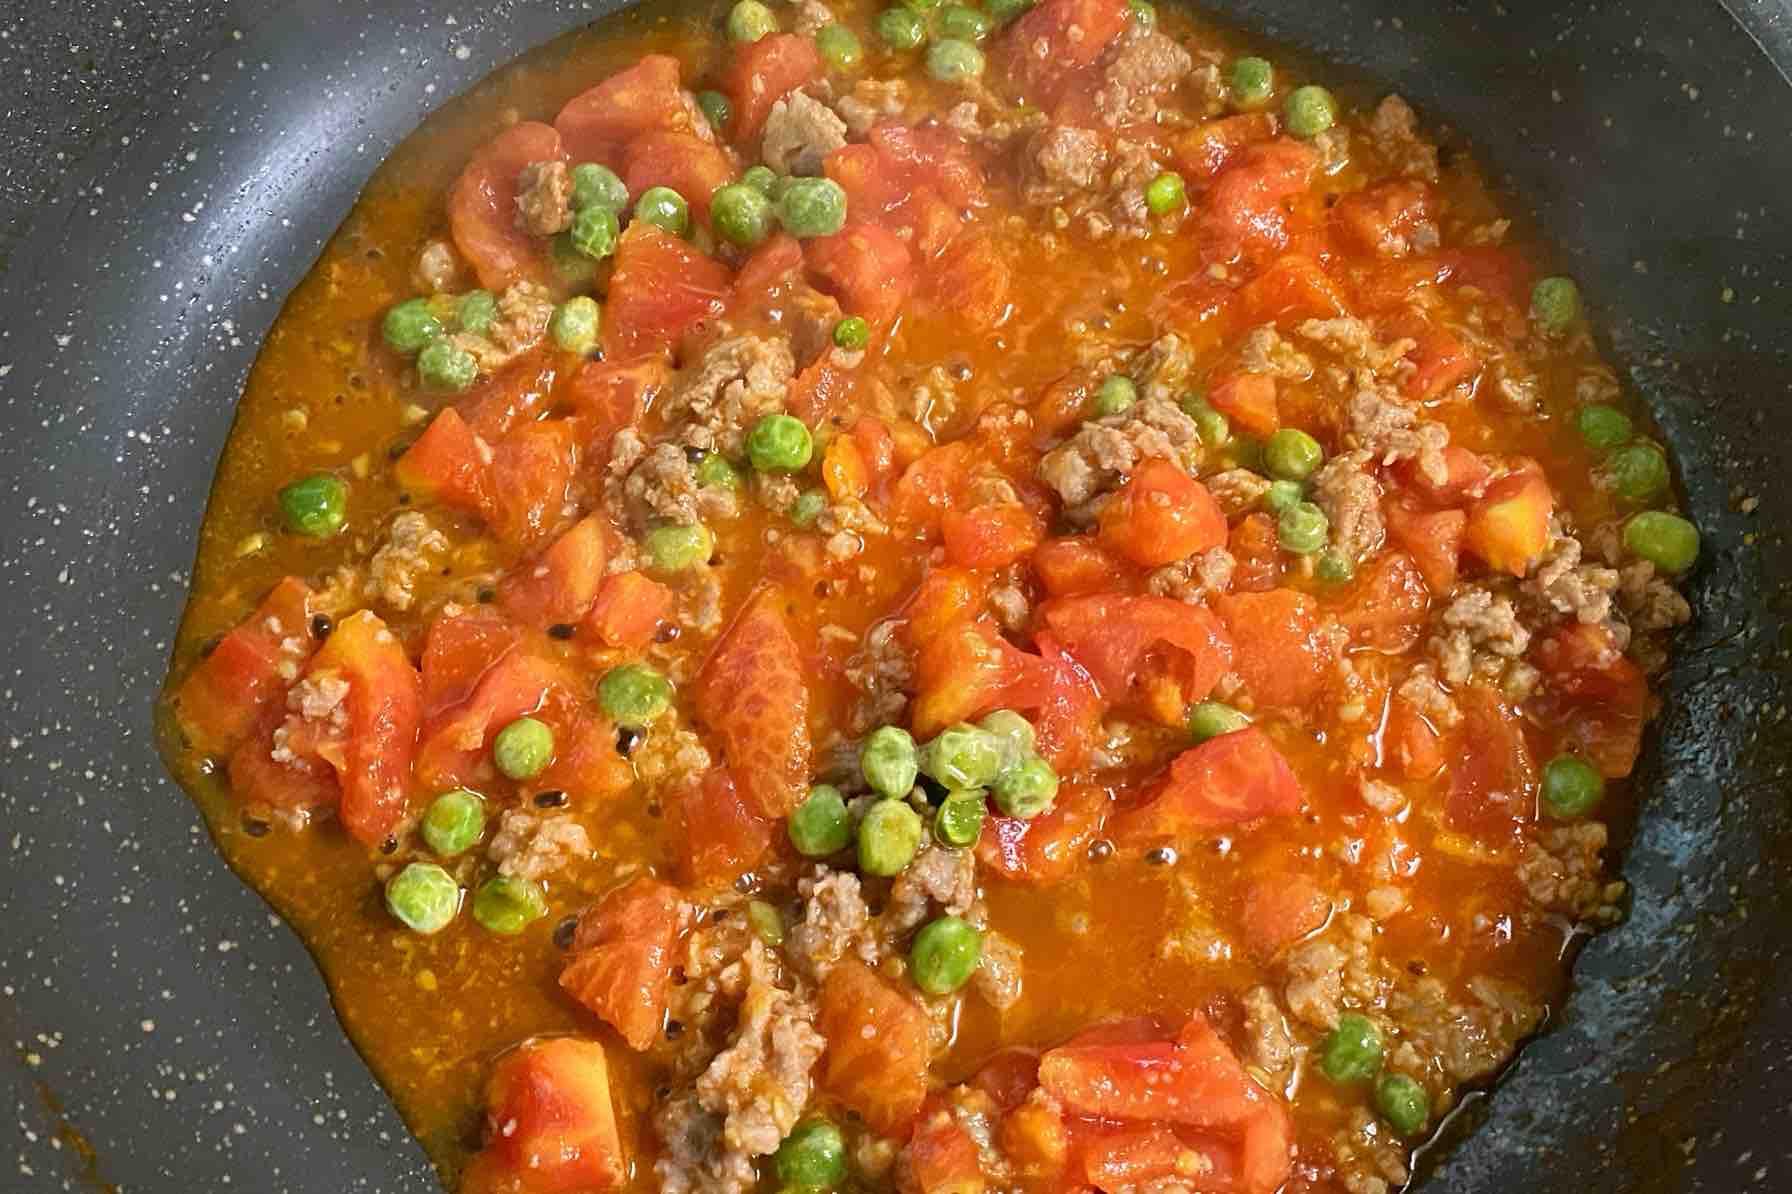 千岛酱茄汁通心粉的简单做法